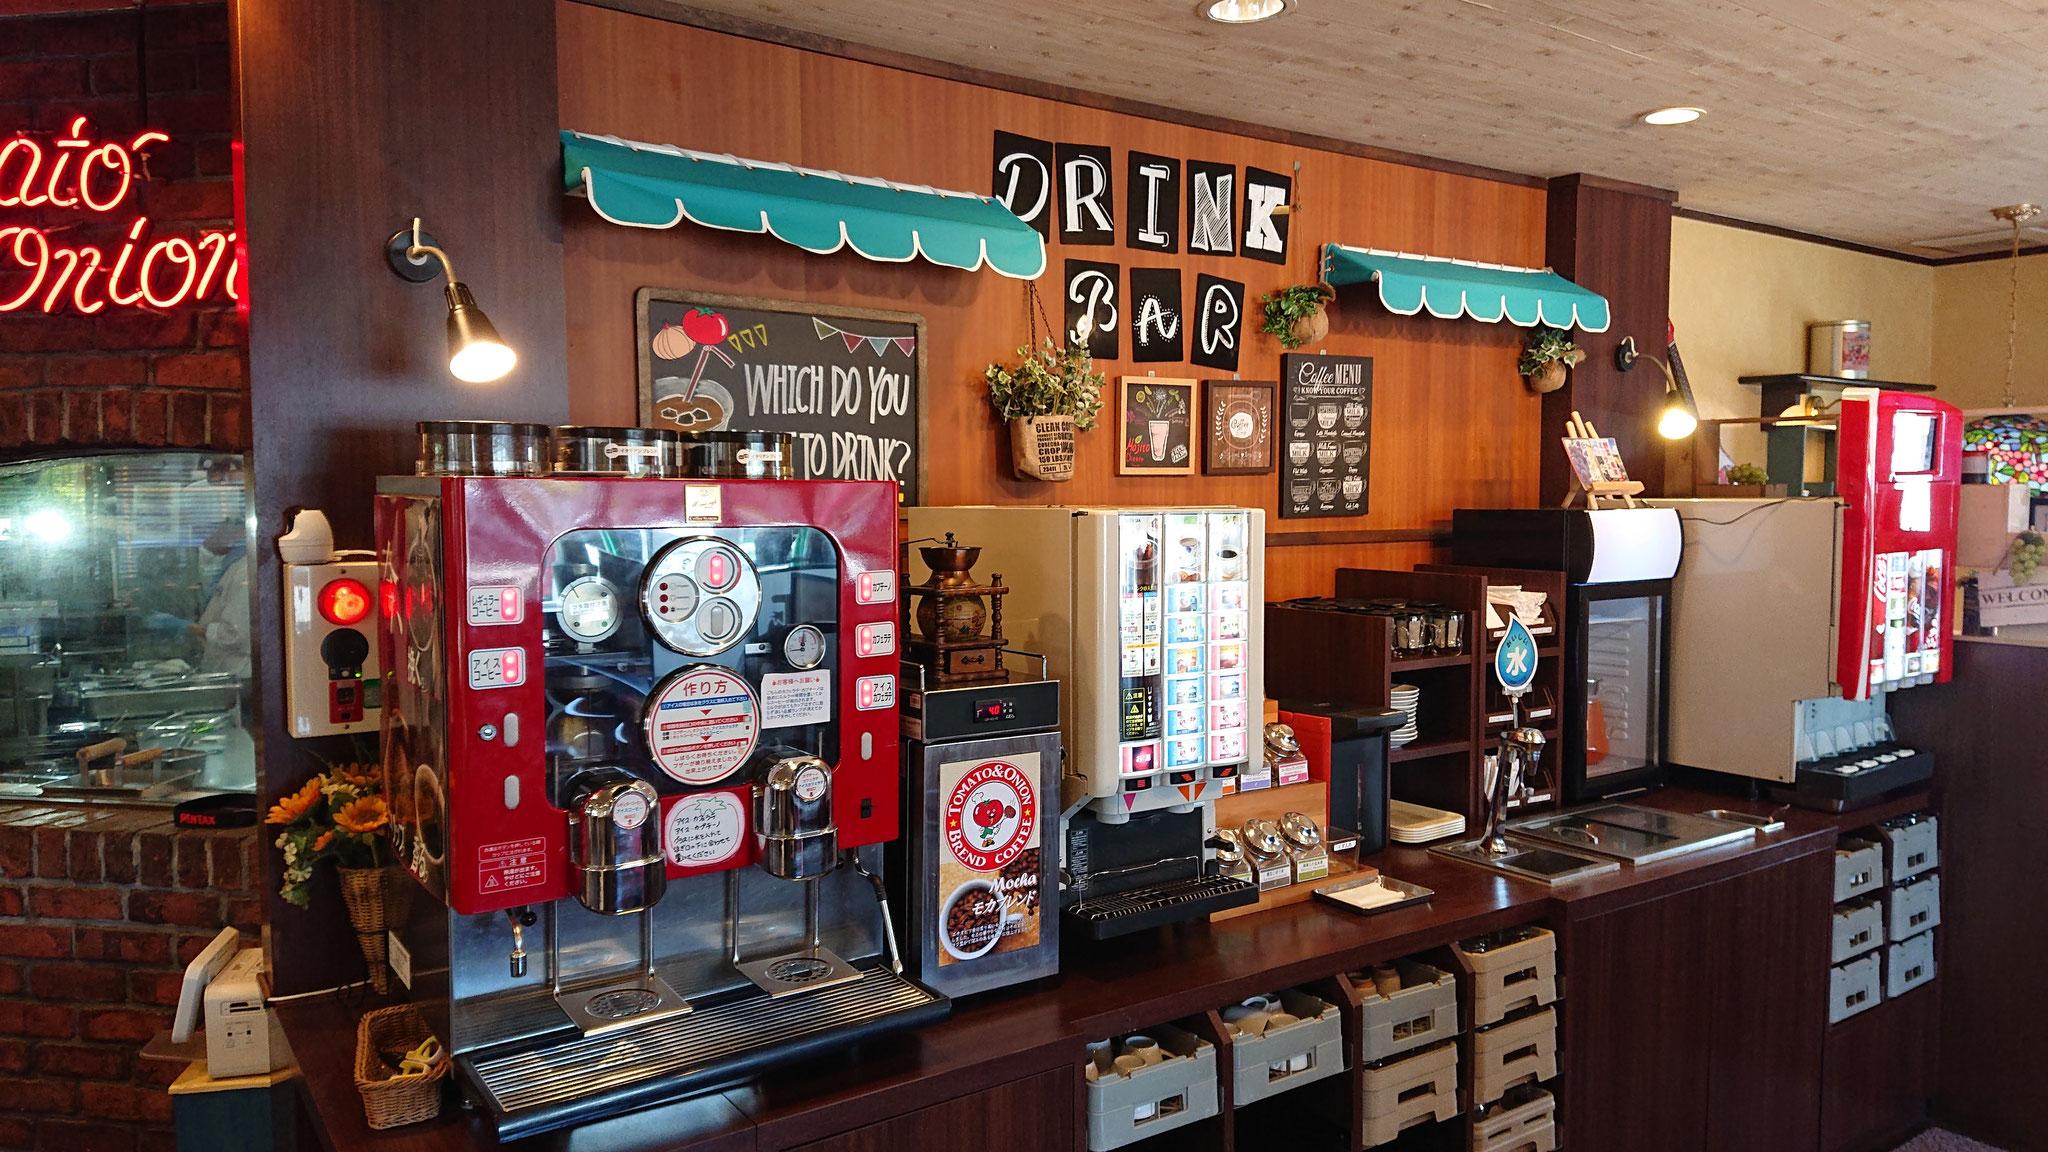 ドリンクバーのコーヒーマシンは中の抽出の流れが見えて面白いスケルトン